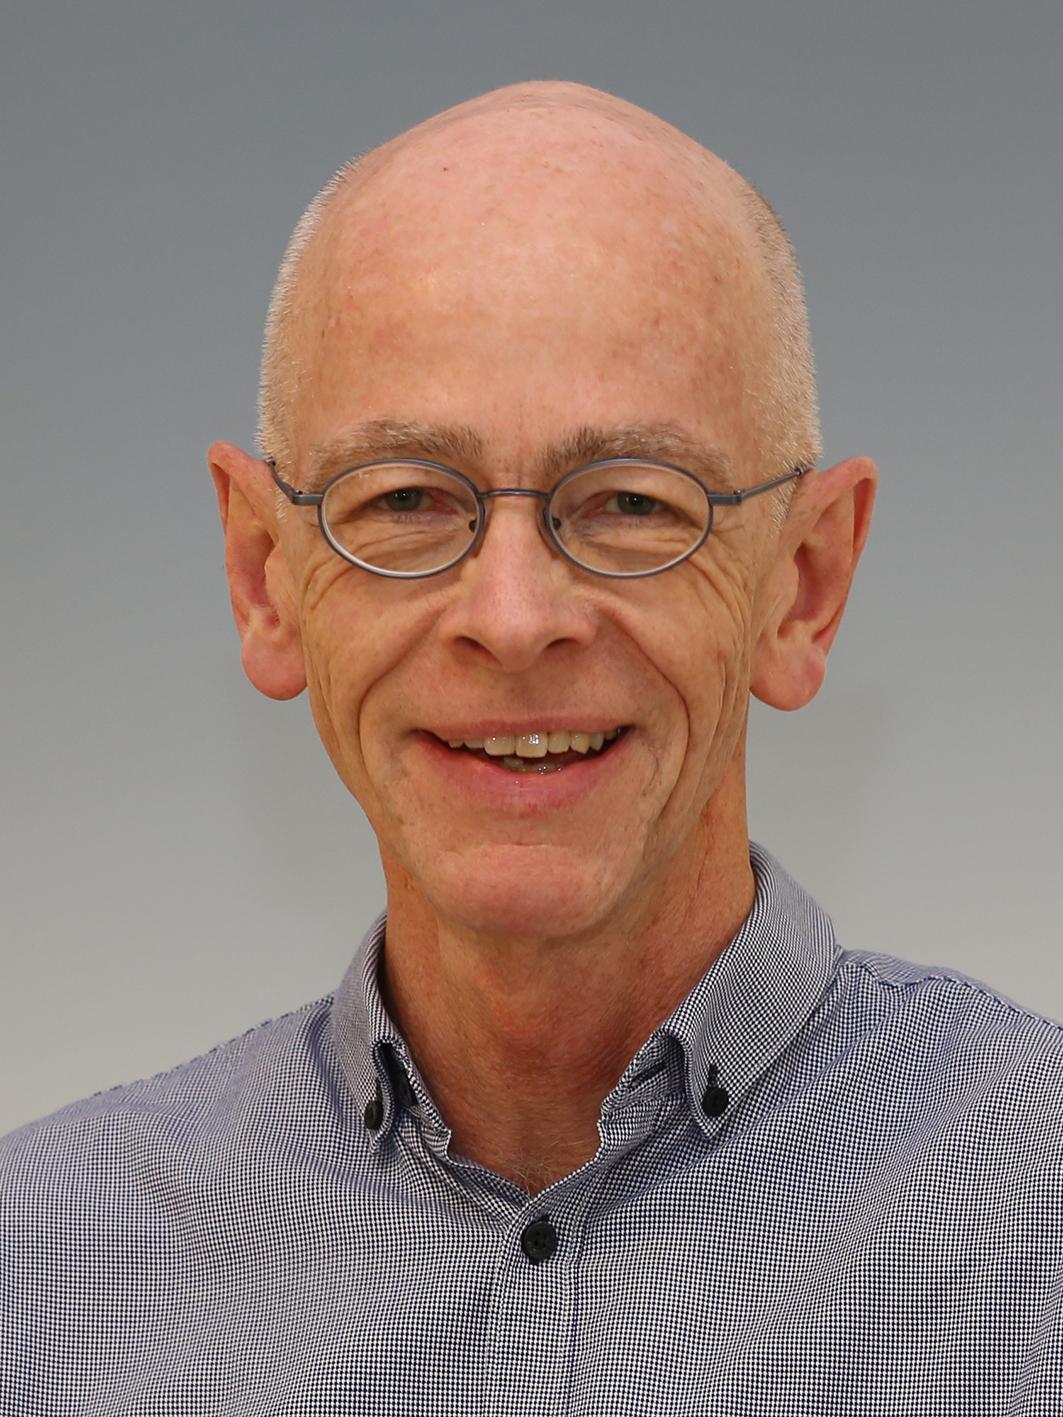 Jens Vedsted-Hansen